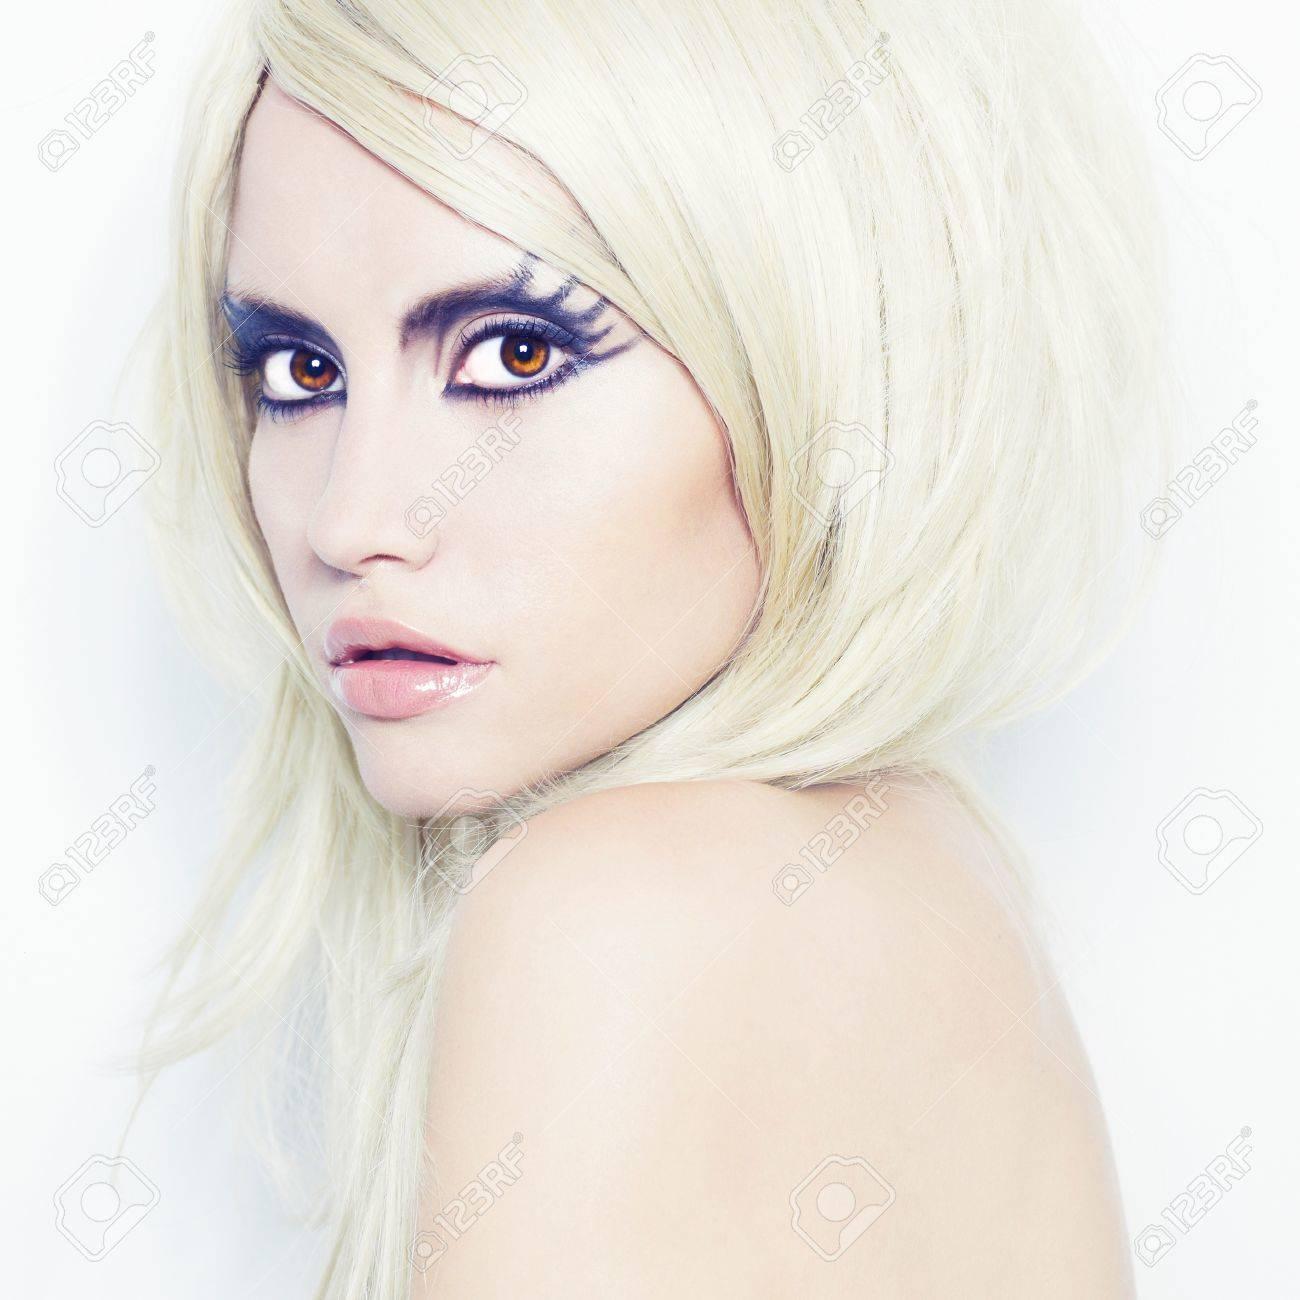 Modefotografie der schönen jungen Frau mit Phantasie Make-up Standard-Bild  - 11531779 d12659374f